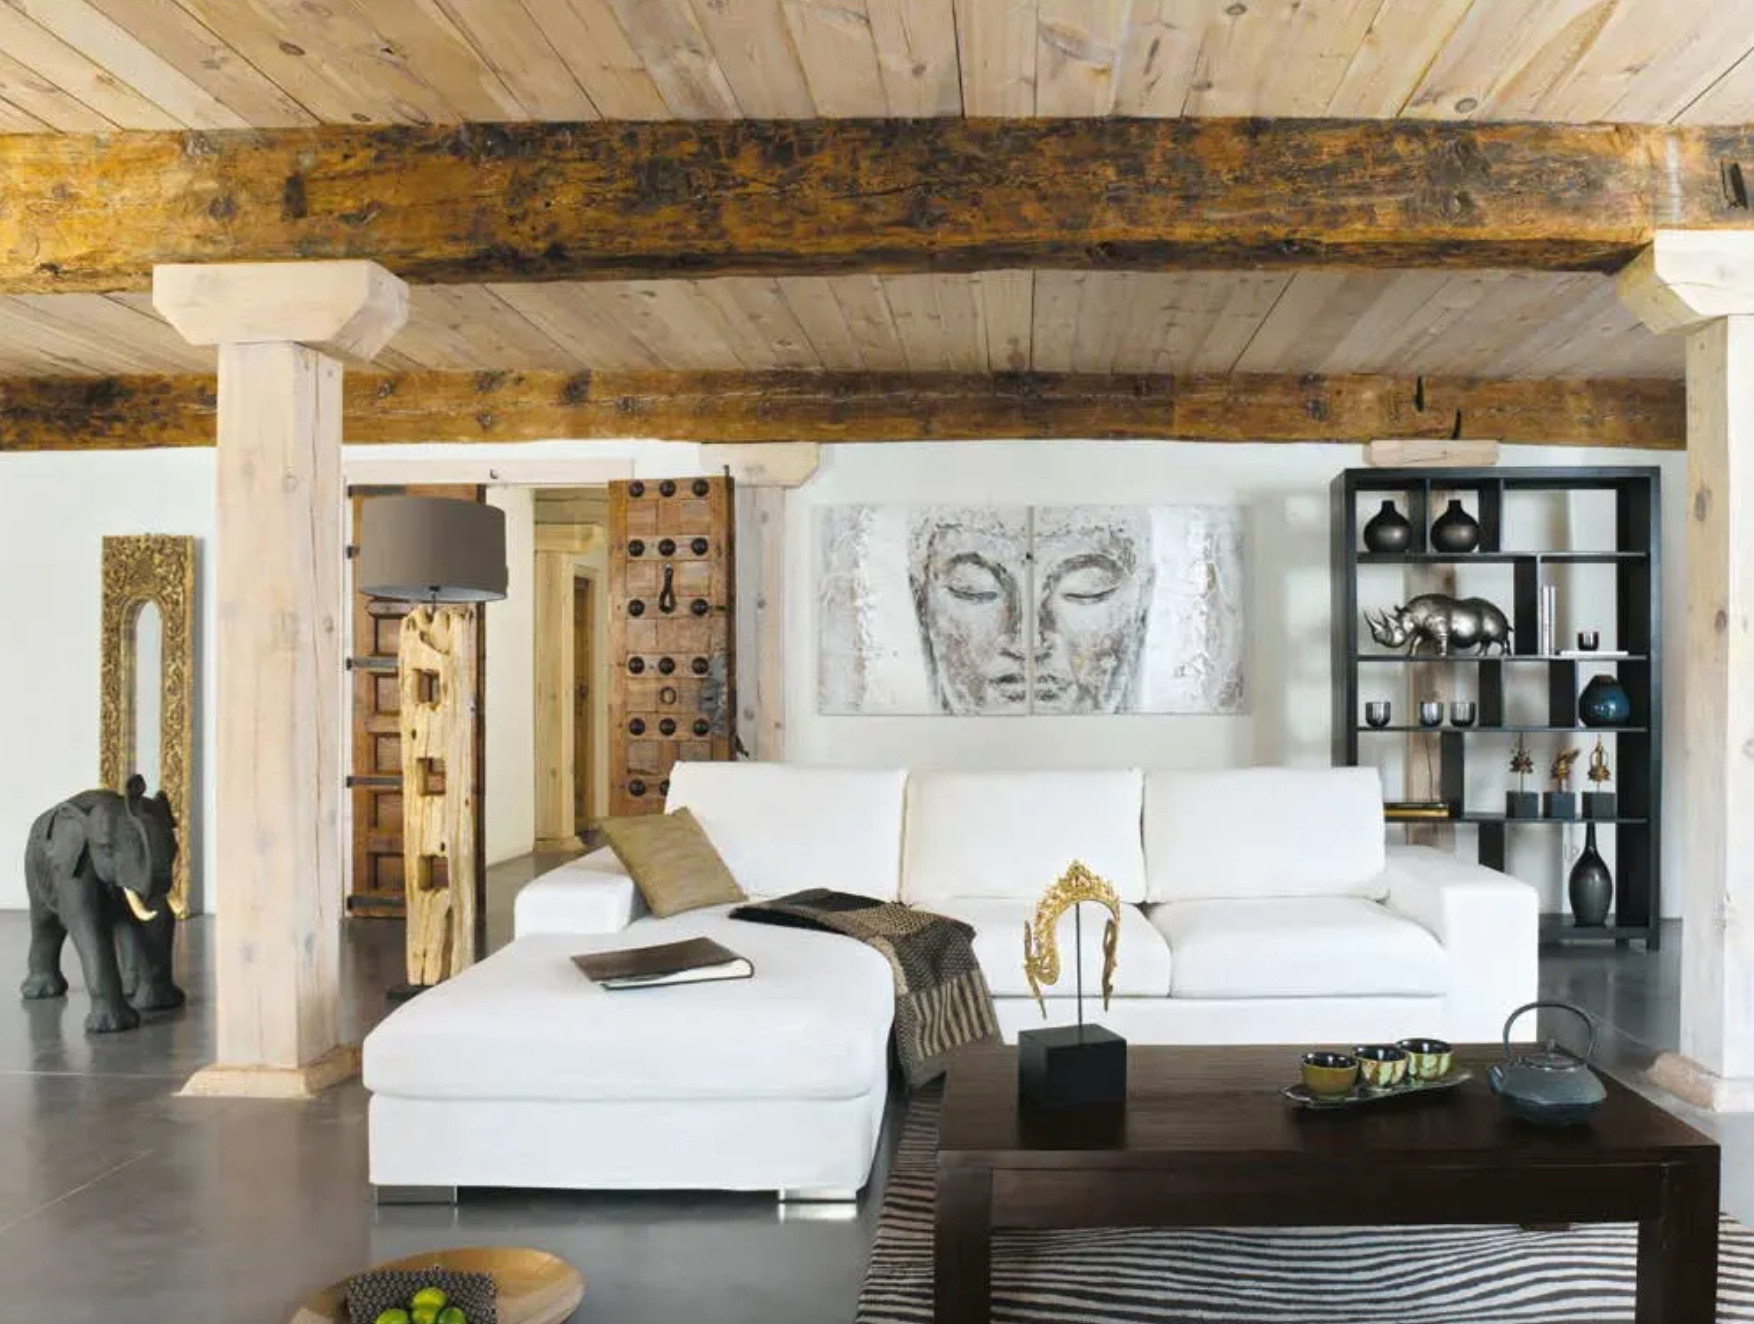 Entretien Canapé Cuir Naturel comment choisir un canapé en cuir ? suivez nos conseils !